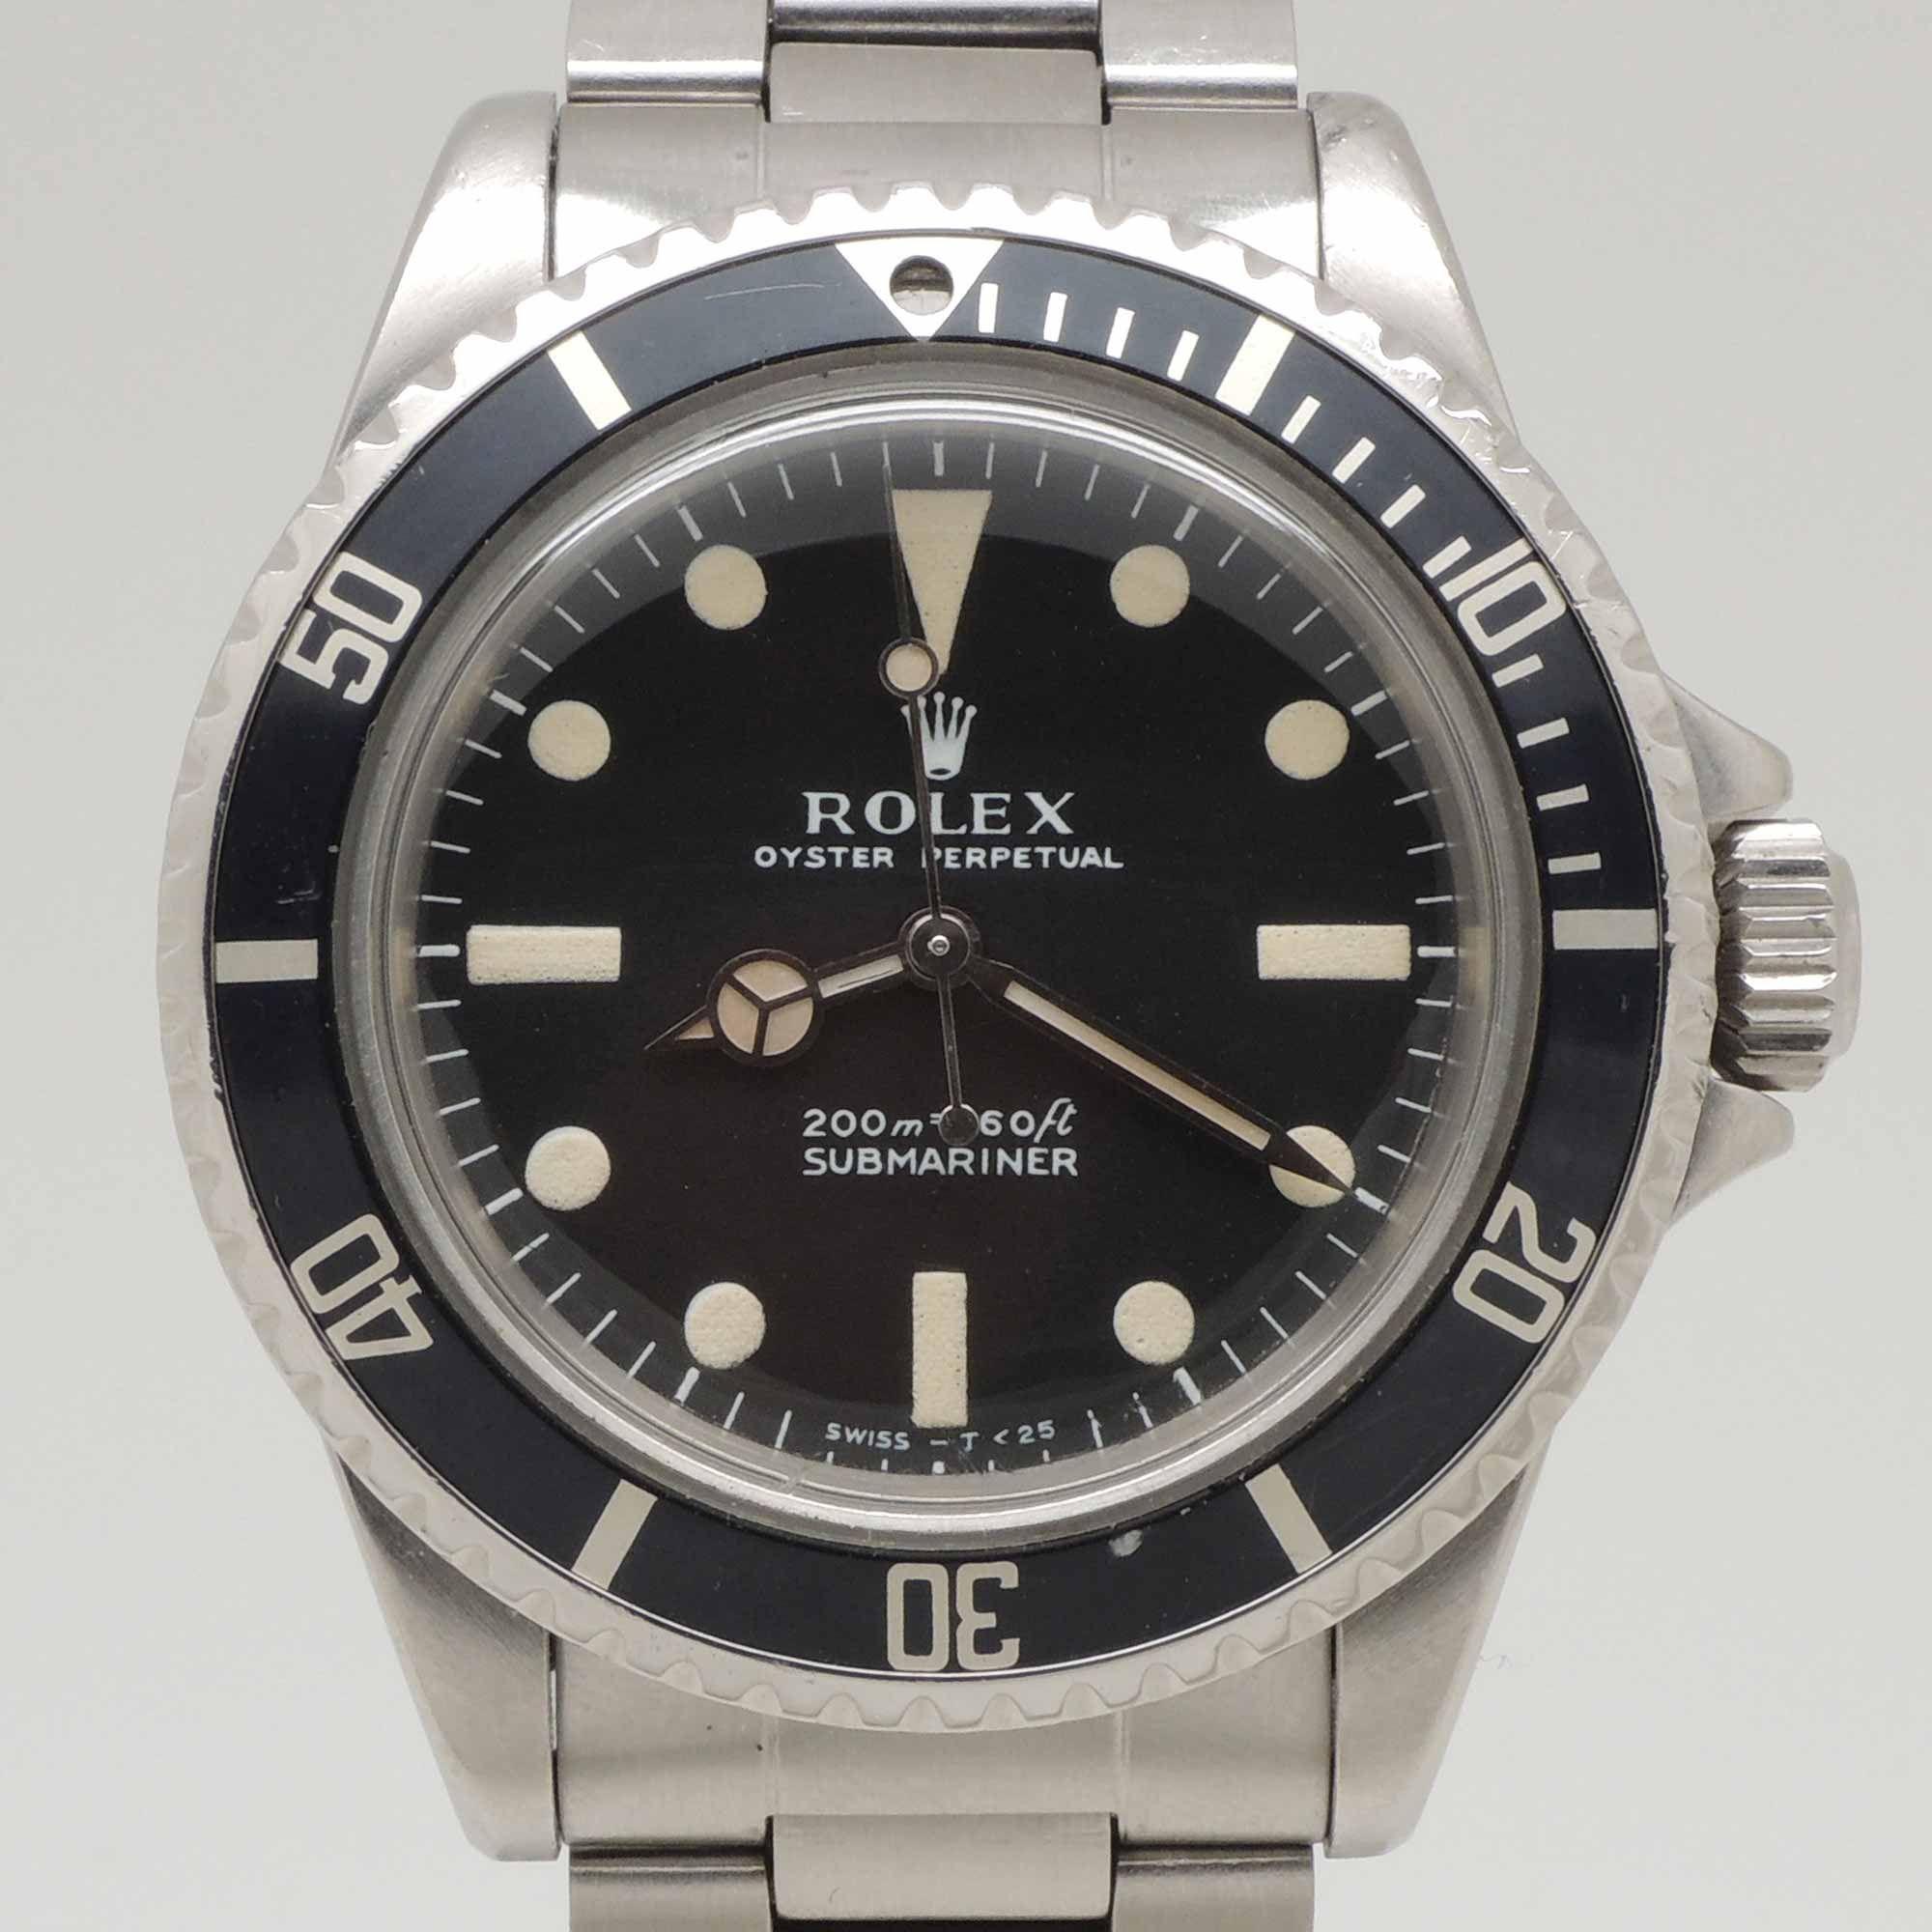 Ancienne Vintage Gallery Rolex Submariner Rolex Relojes Rolex